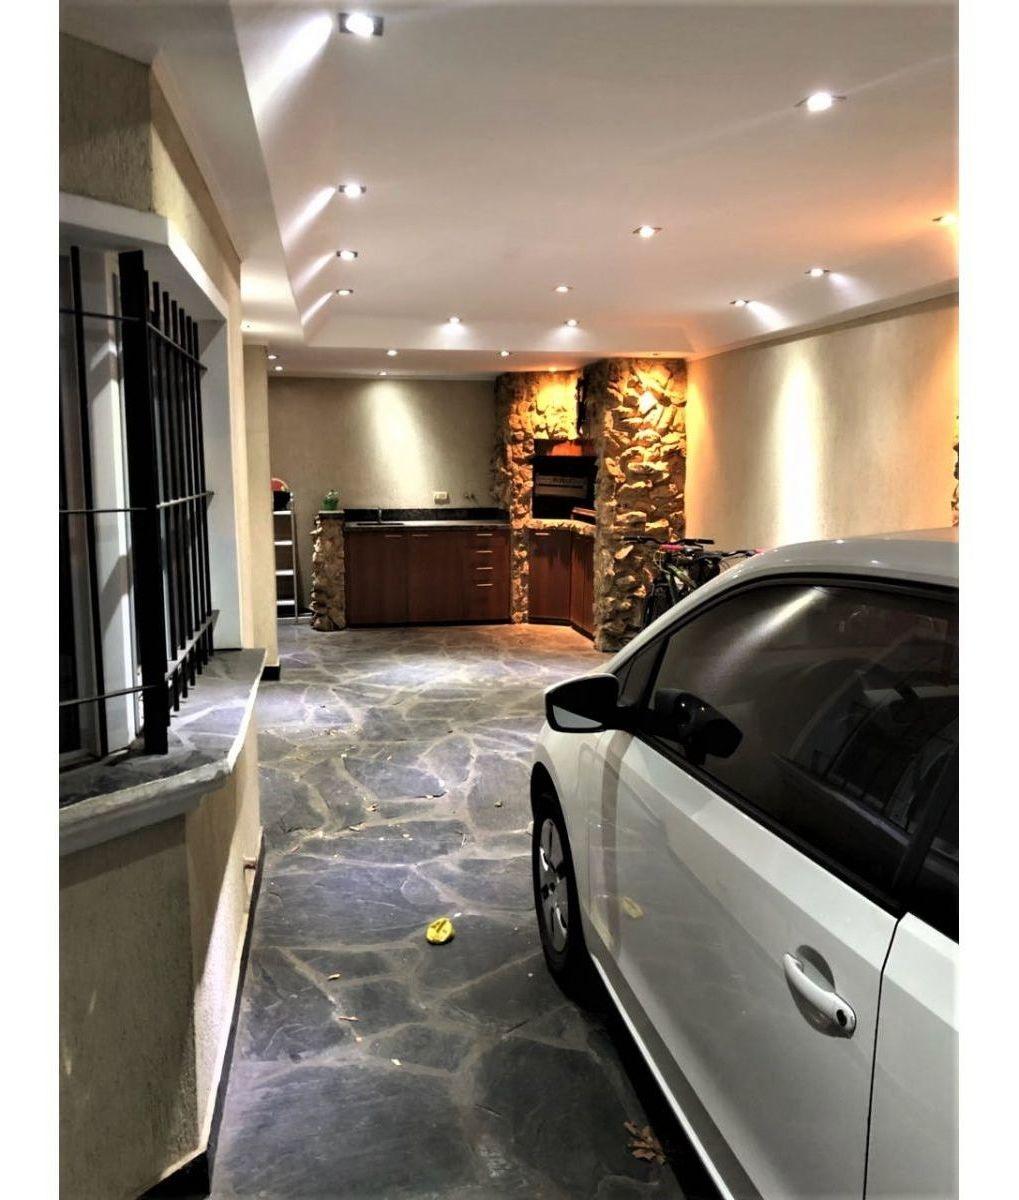 venta impecable y moderna casa 3 dormitorios zona norte